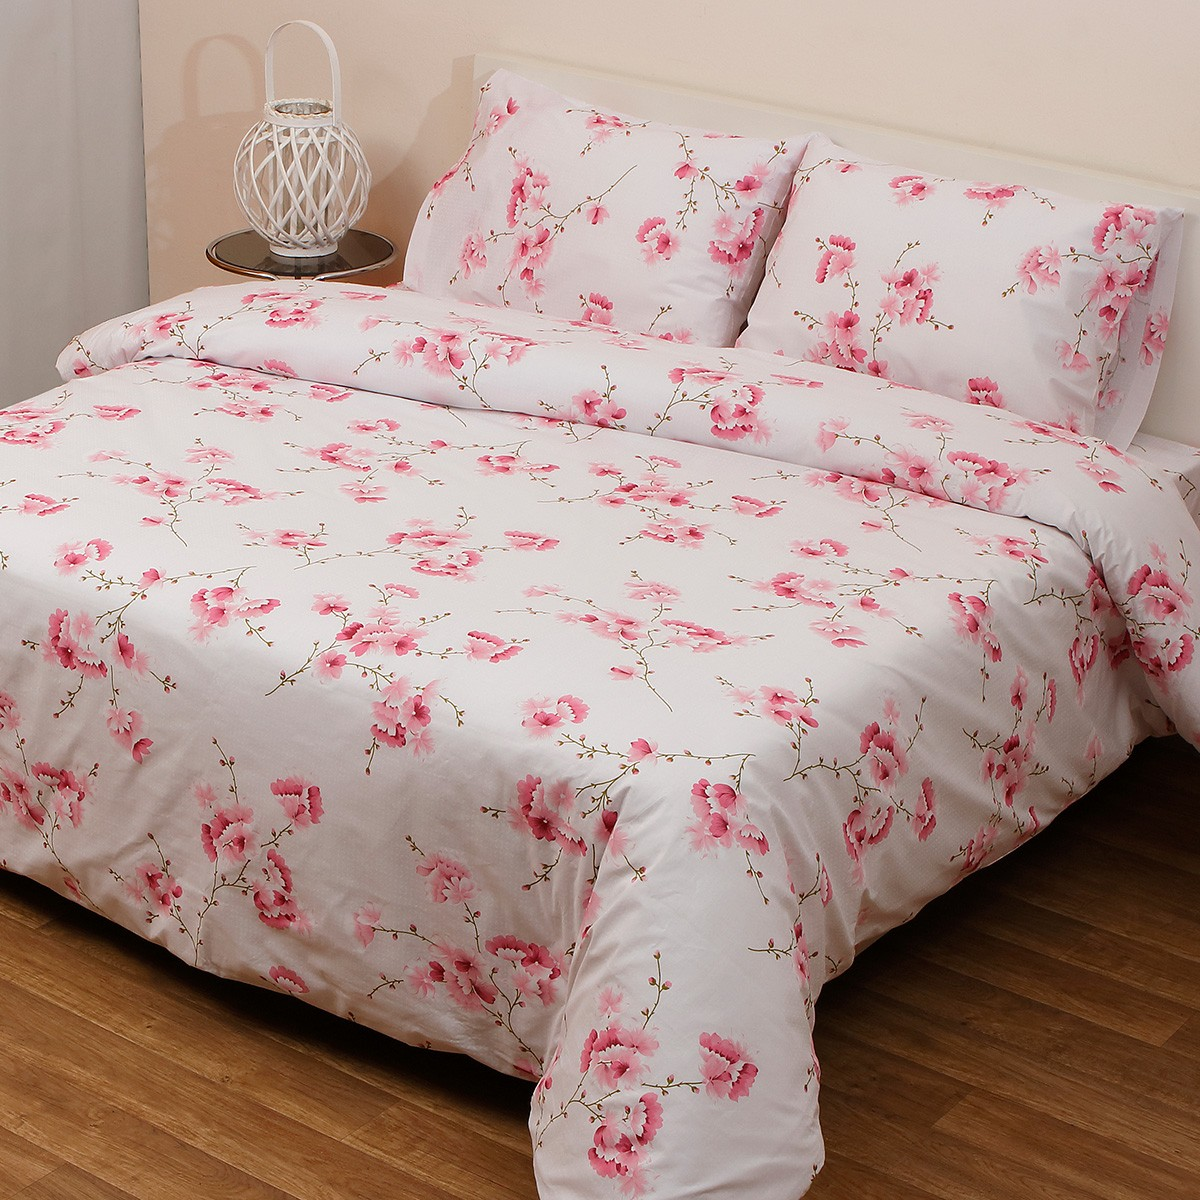 Πάπλωμα Ημίδιπλο (Σετ) Viopros Fresh Άλισον home   κρεβατοκάμαρα   παπλώματα   παπλώματα ημίδιπλα   διπλά